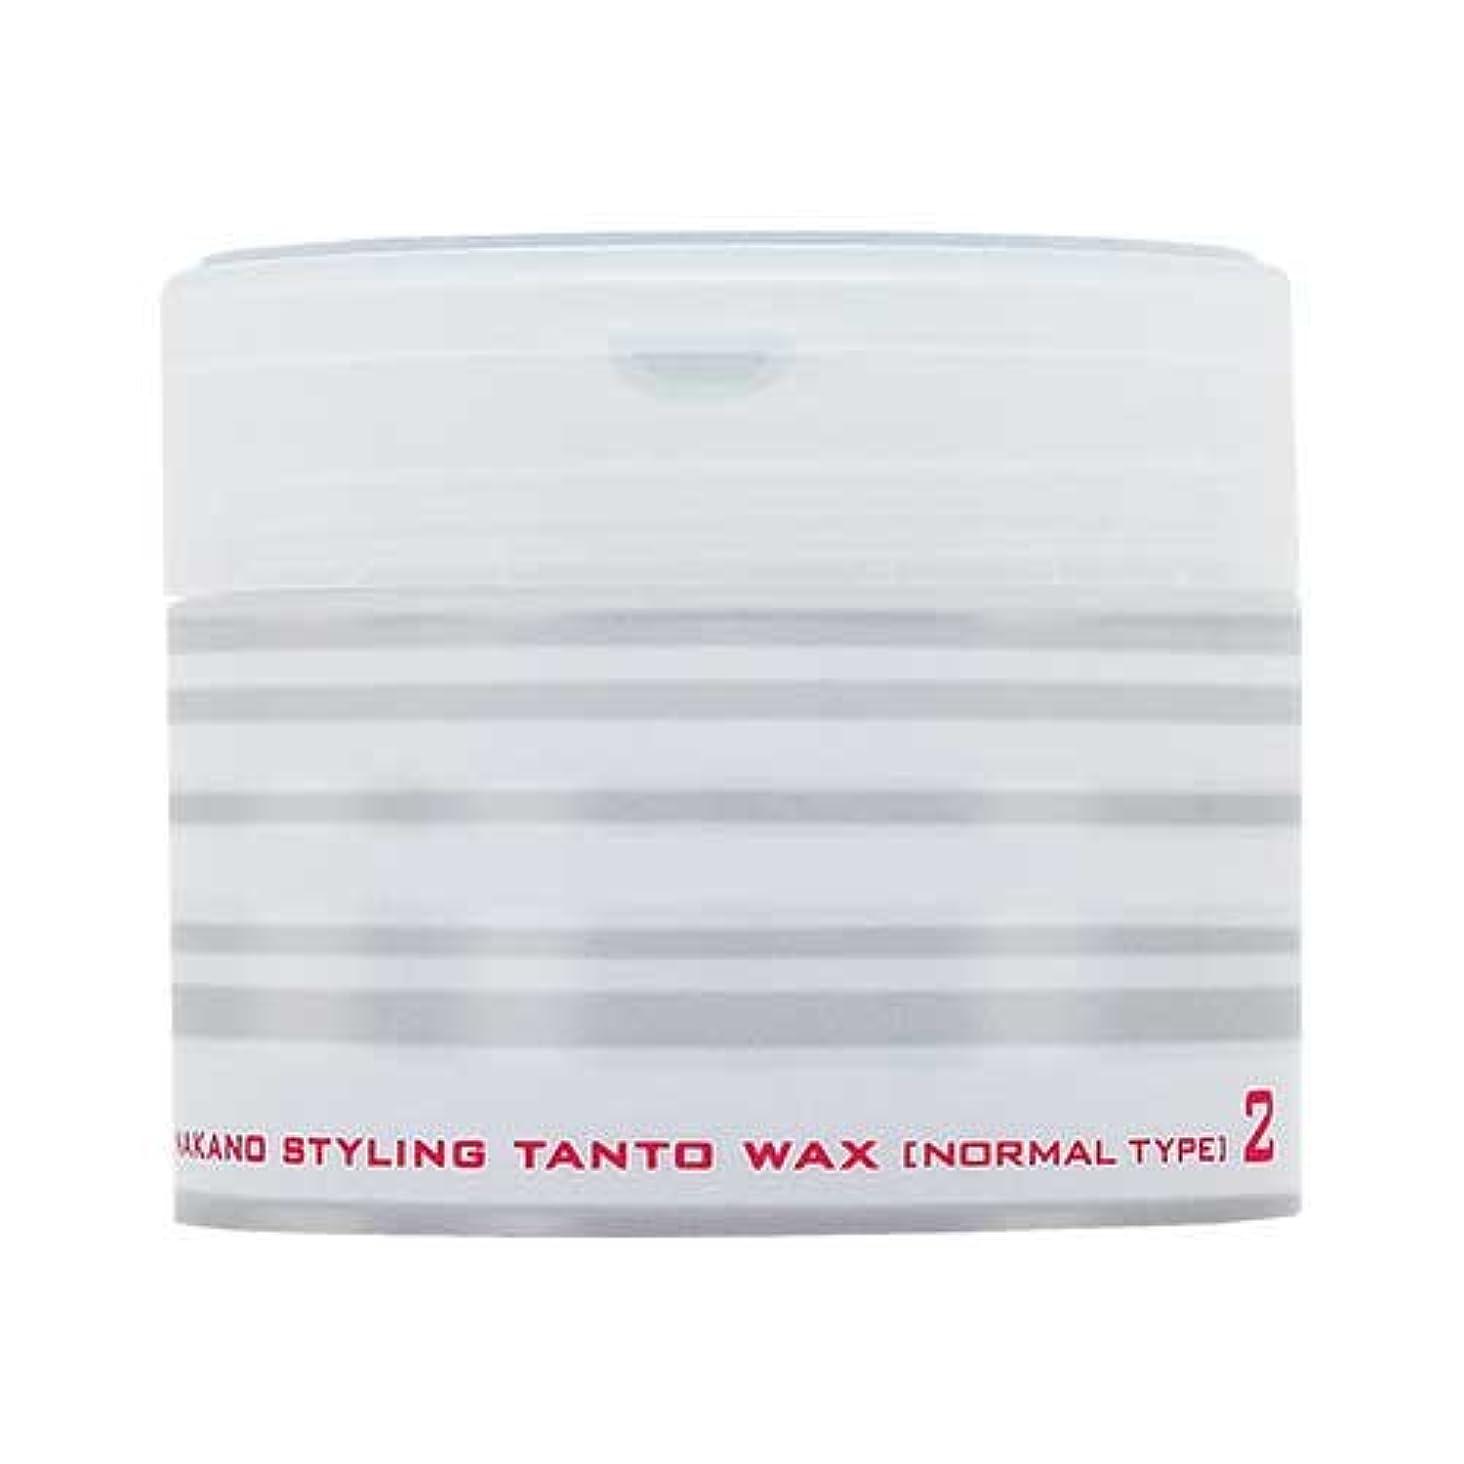 定数蜂屈辱するナカノ スタイリング タントN ワックス 2 ノーマルタイプ 90g 中野製薬 NAKANO